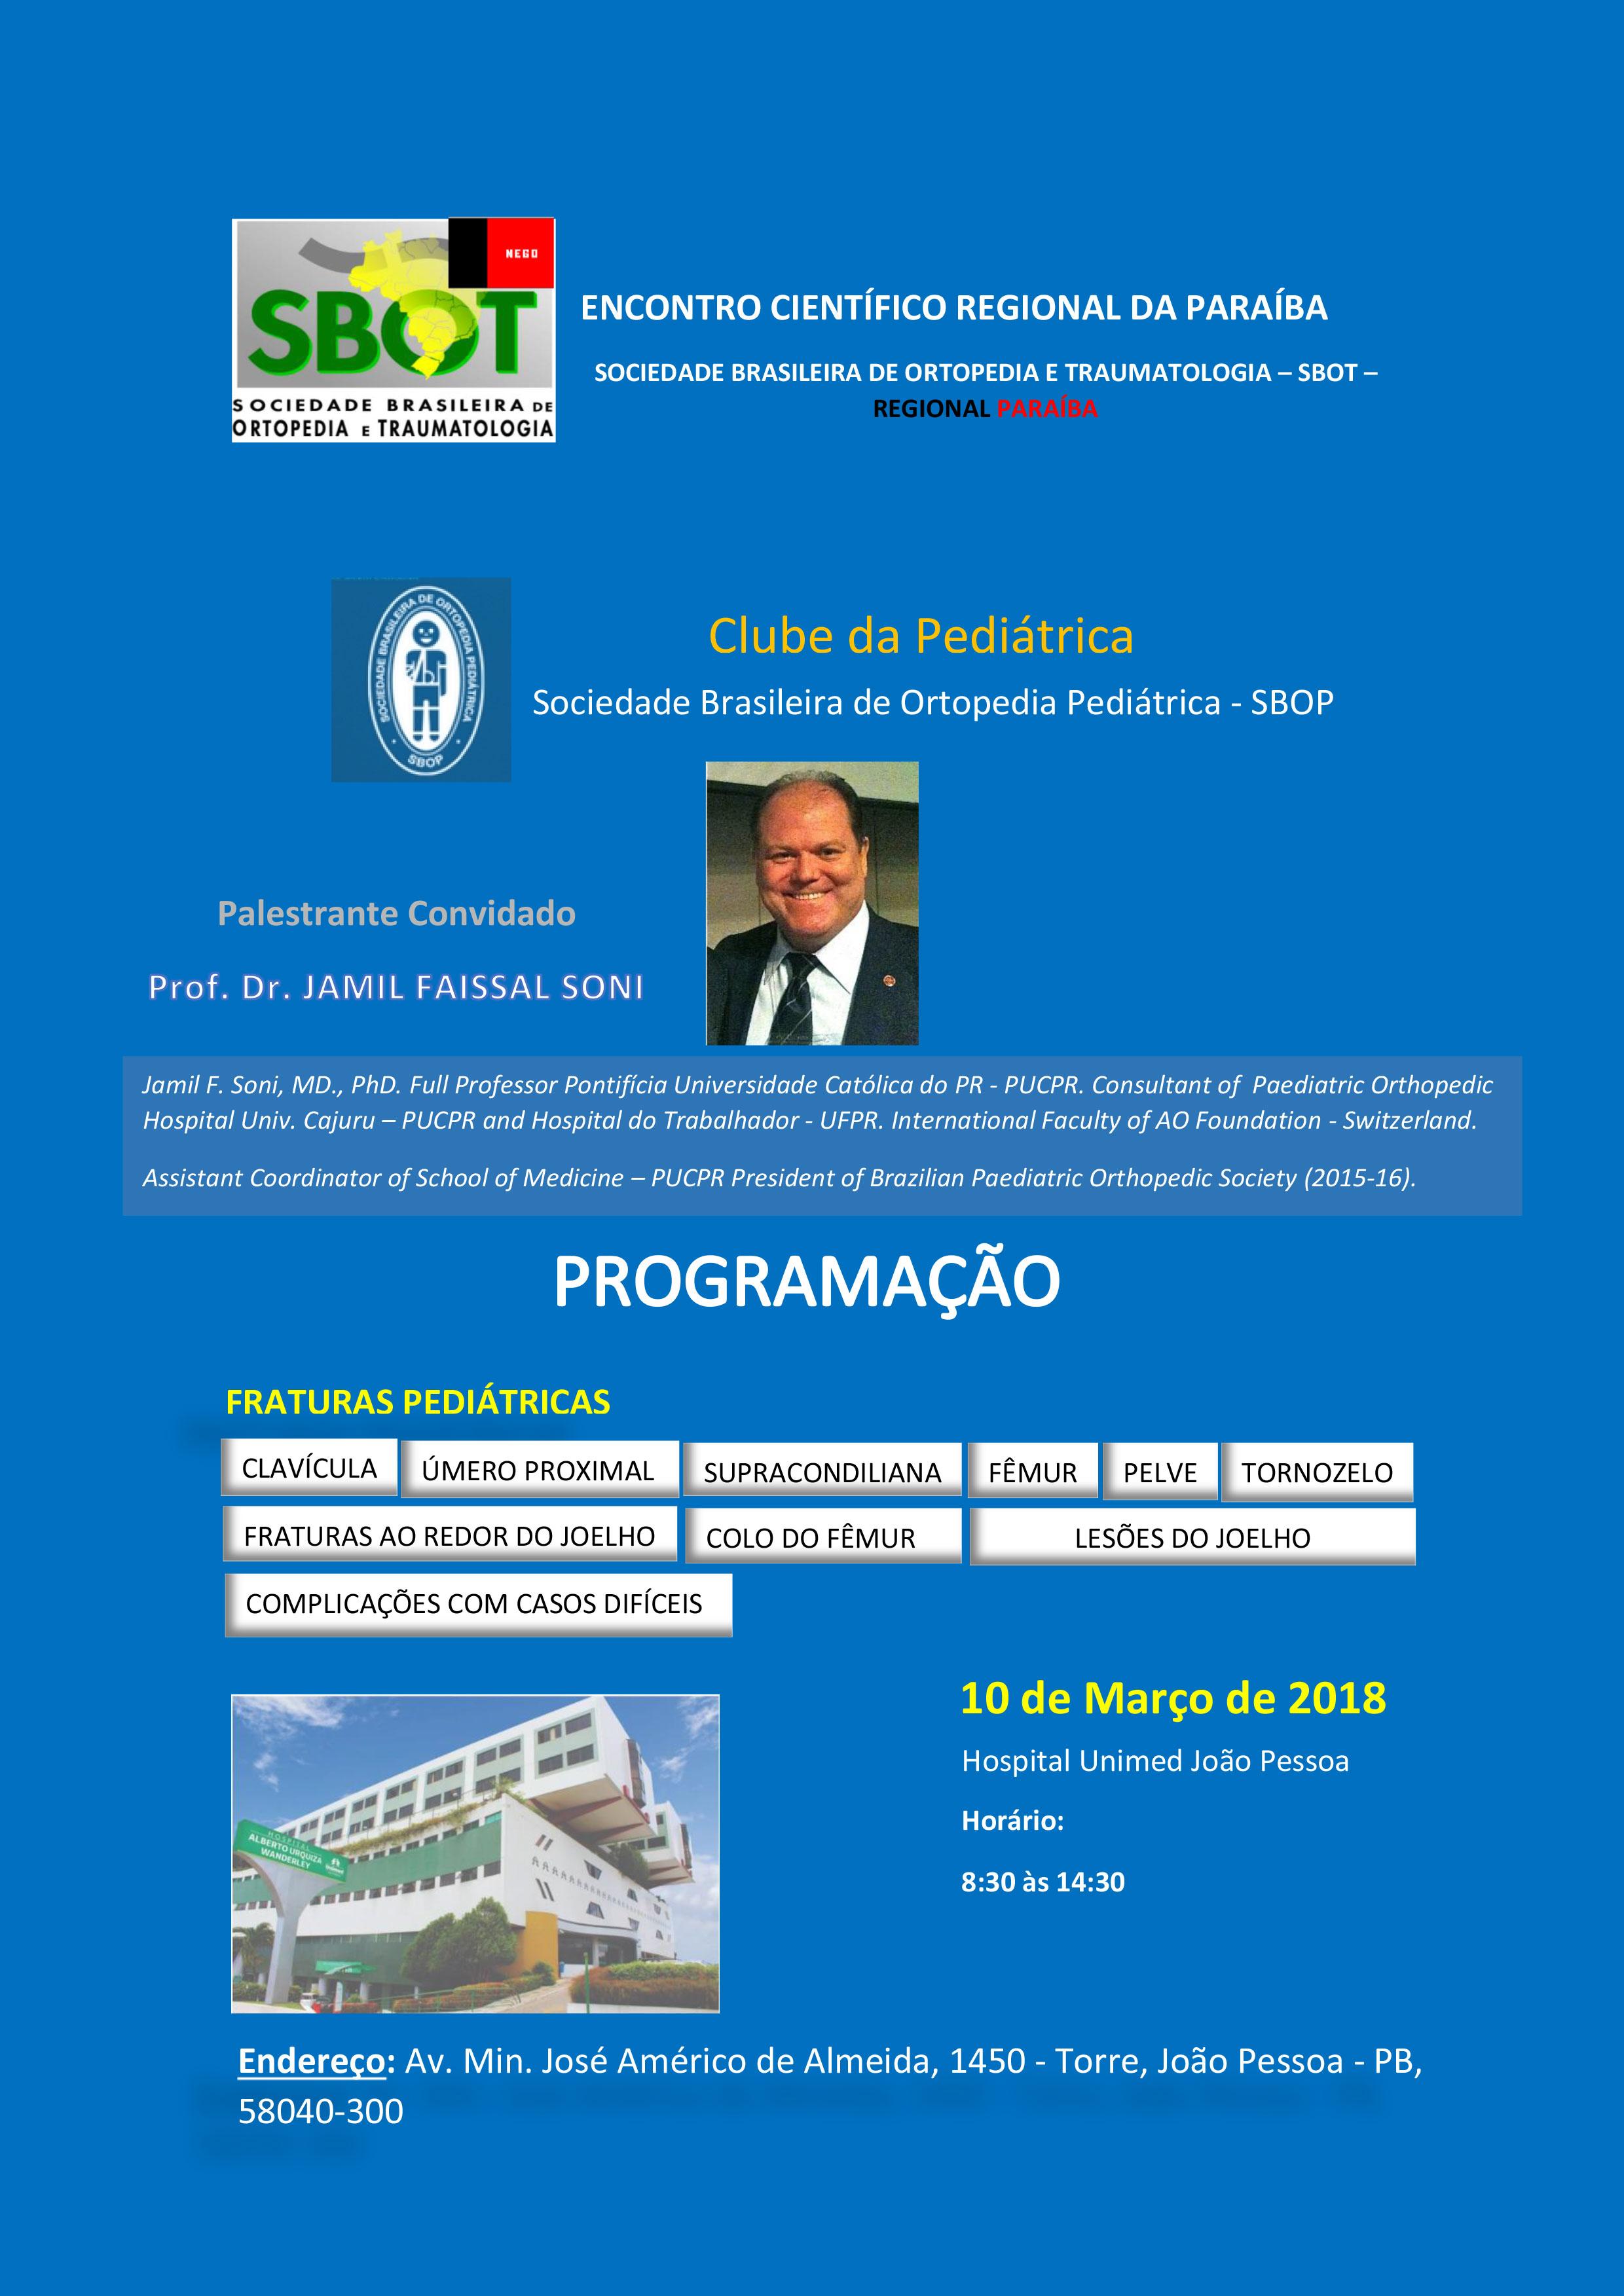 11º Clube da Pediátrica da SBOP